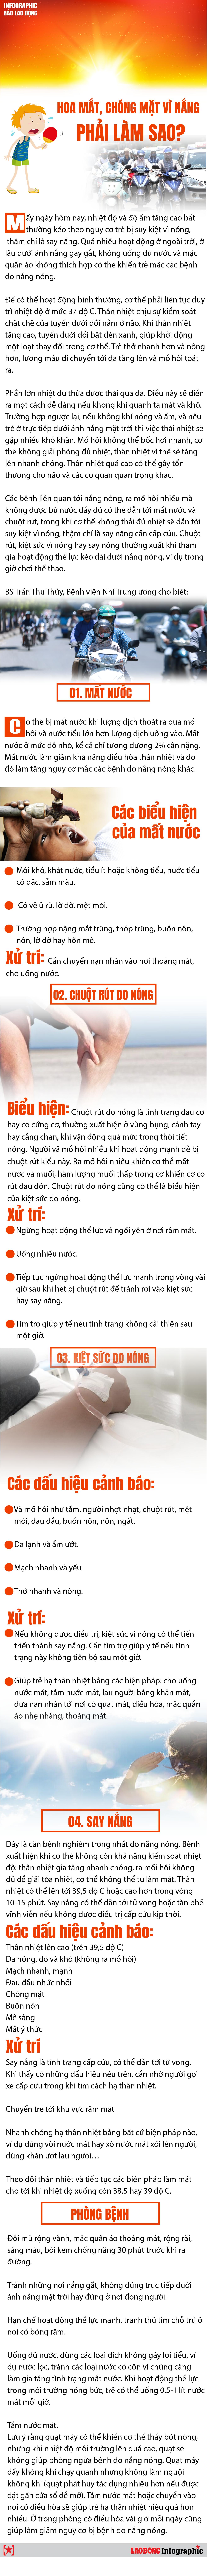 Infographic: Hoa mắt chóng mặt vì nắng nóng, phải làm ngay các việc này - Ảnh 1.